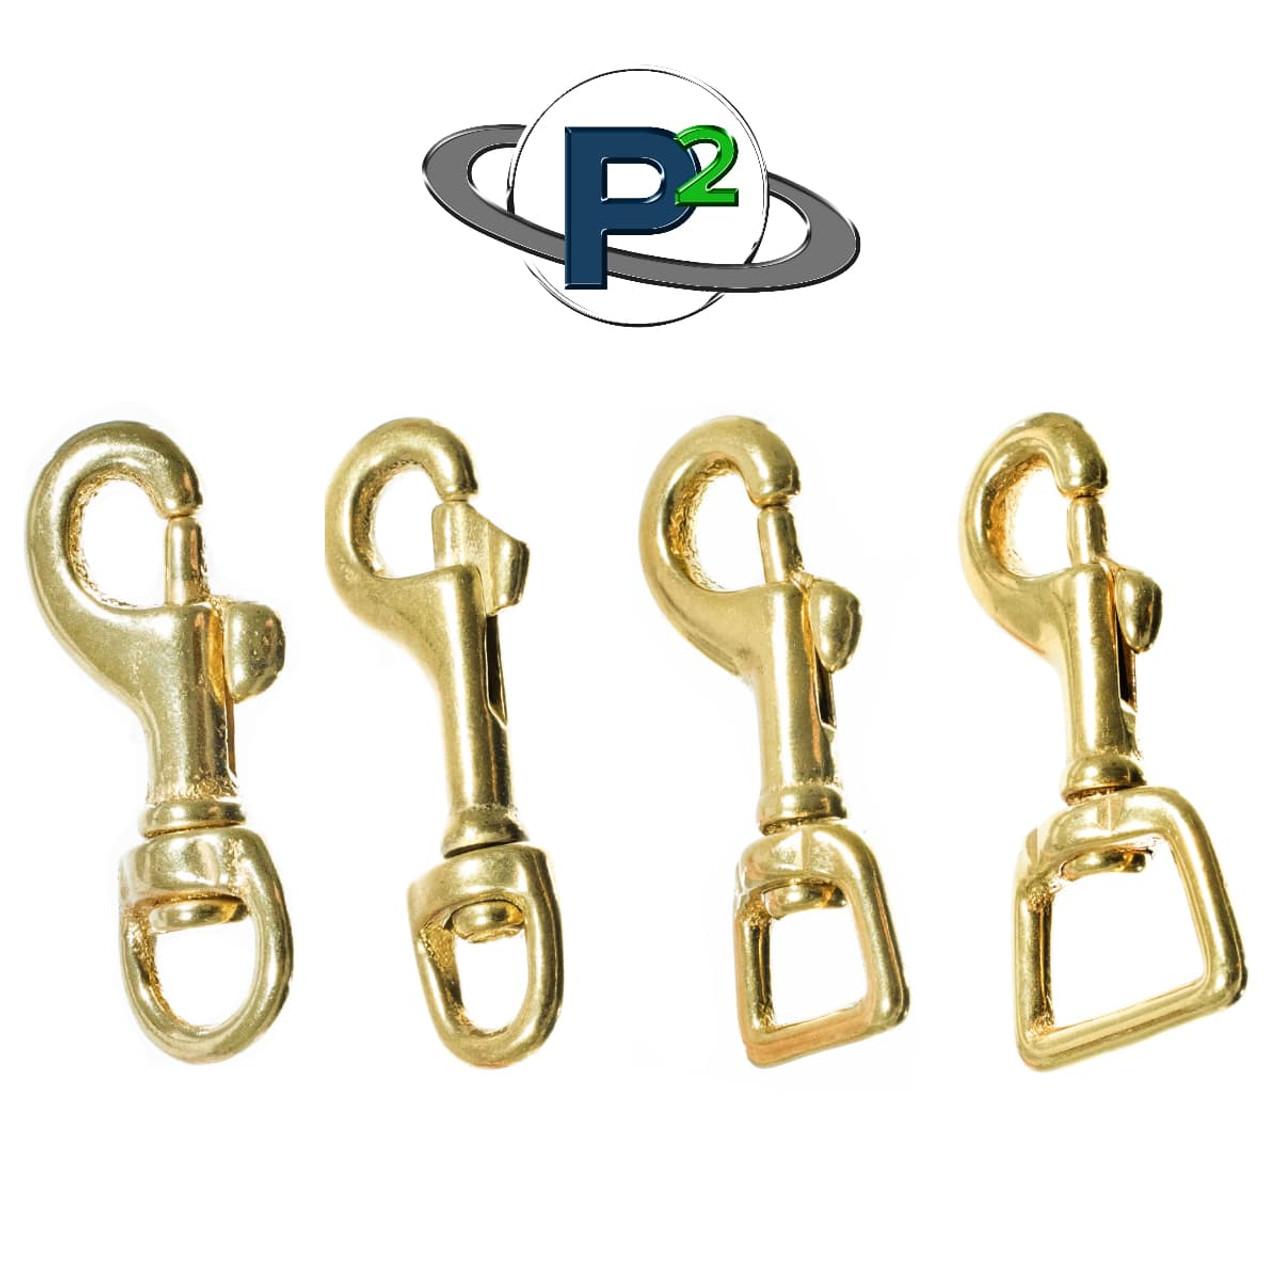 Brass Swivel Snap Hooks